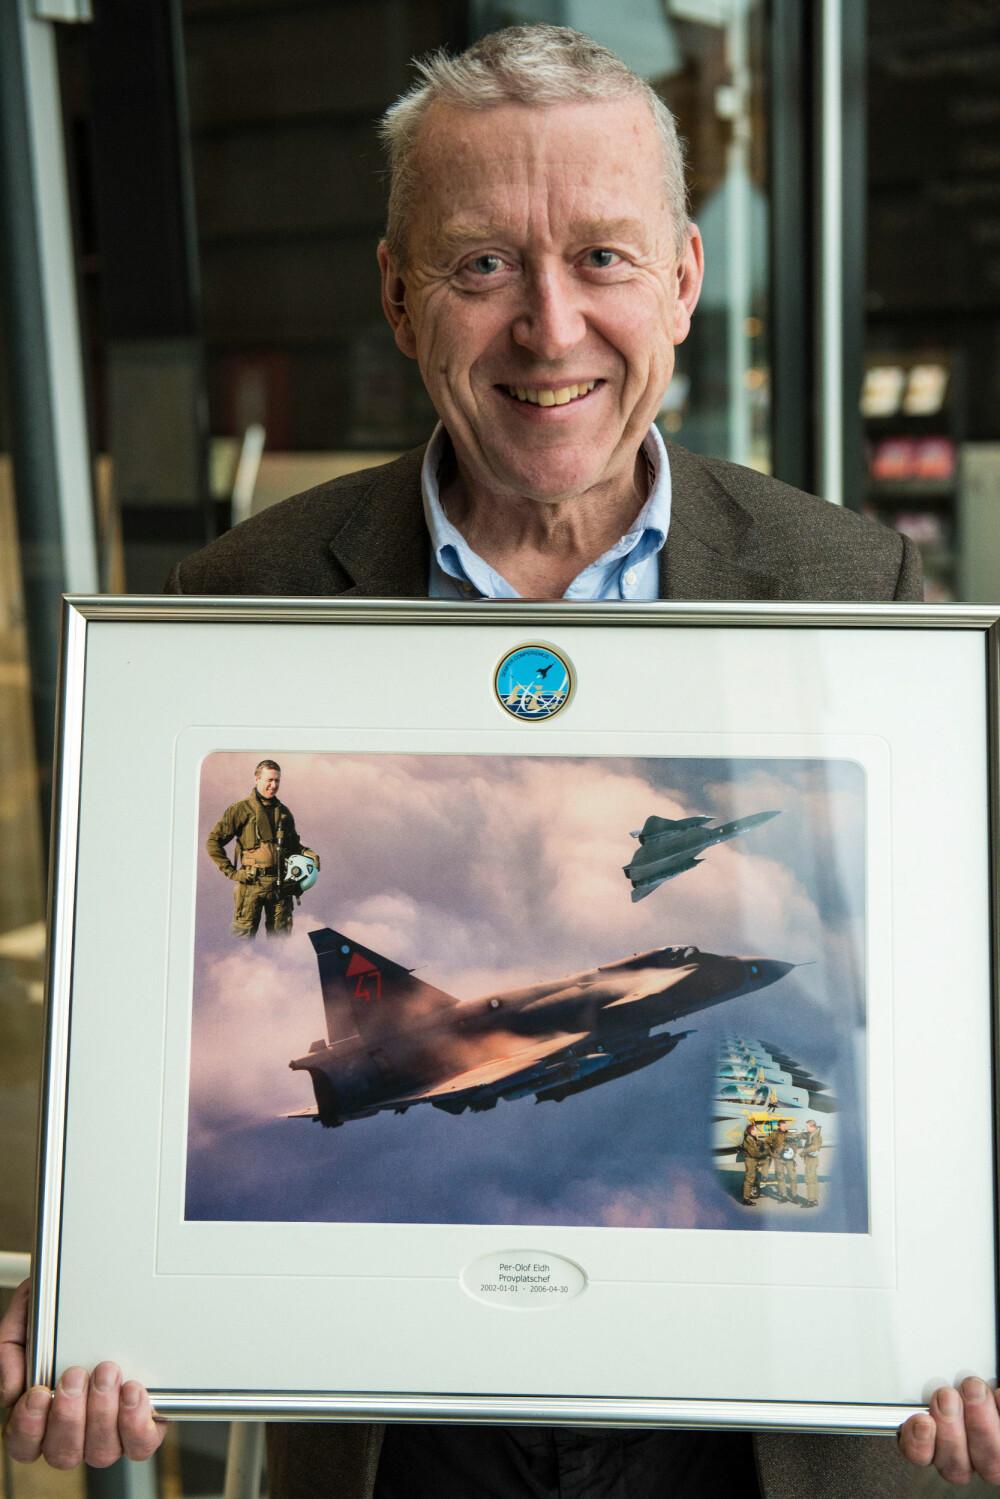 SPIONFLYDØDARE: Per-Olof Eldh klarte å komme på skuddhold av SR-71 hele fem ganger. Fotomontasjen fikk han som avskjedsgave da han pensjonerte seg som jagerpilot.